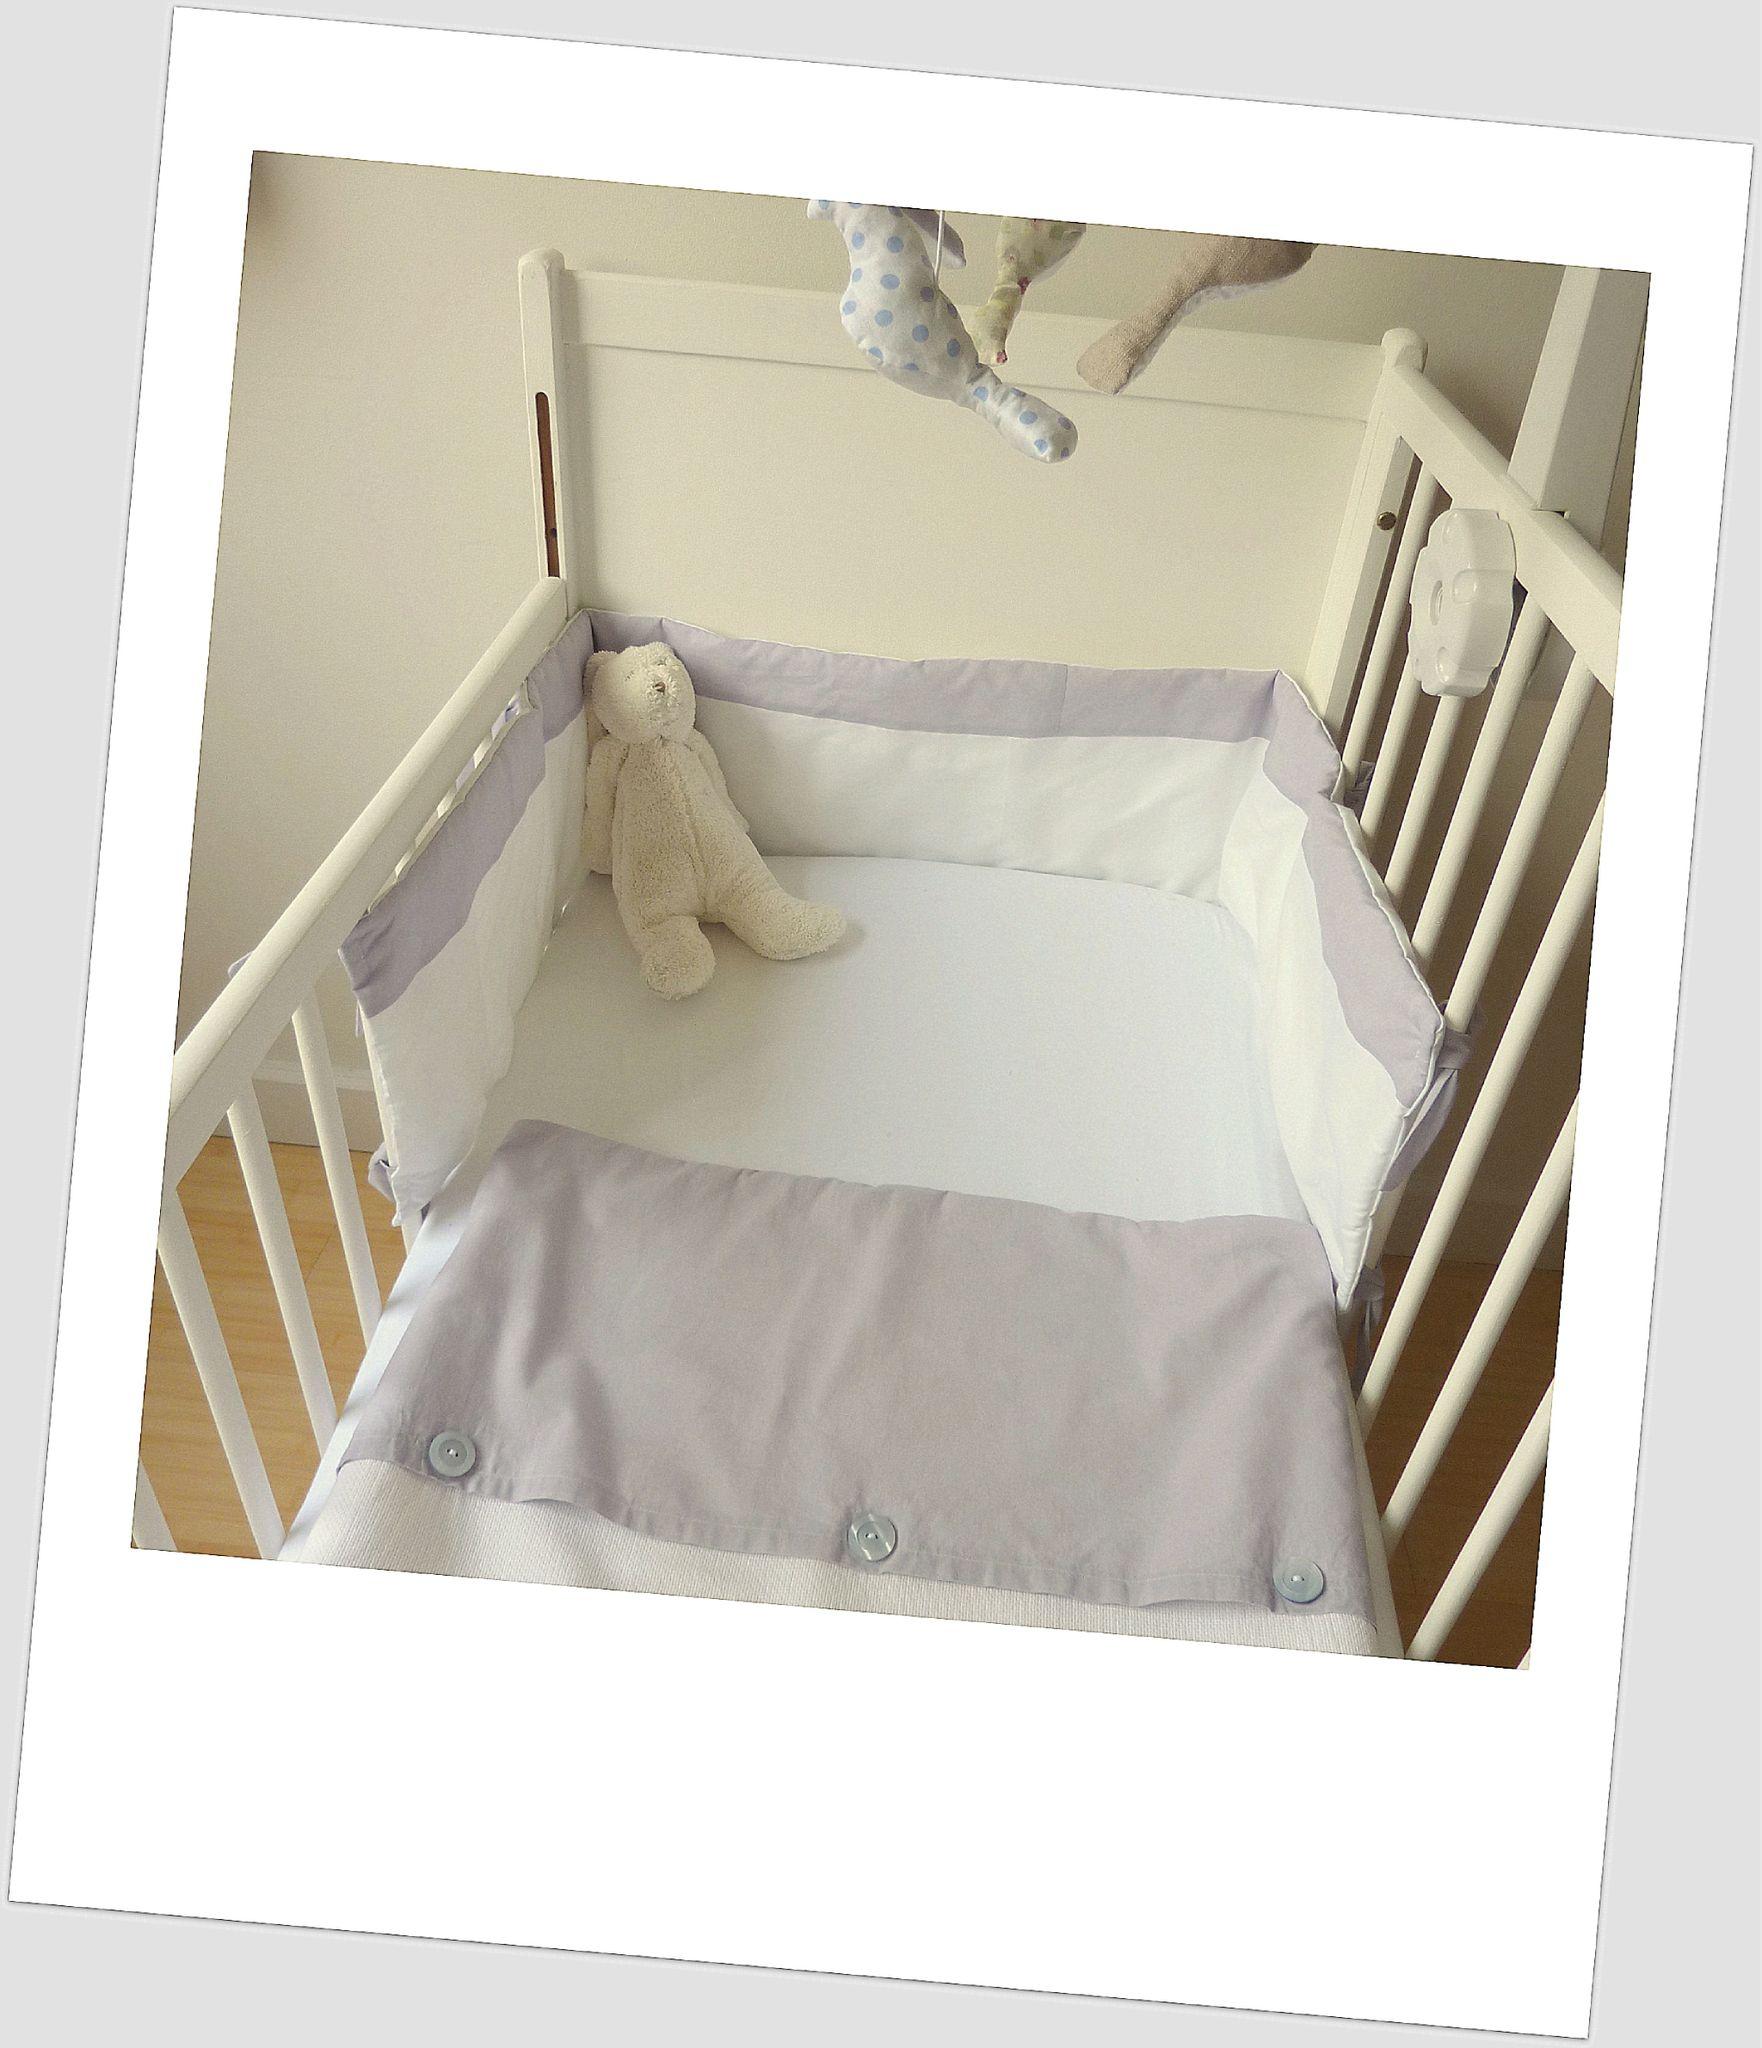 Tour de lit bebe lit sans barreaux - Lit bebe a barreaux ...